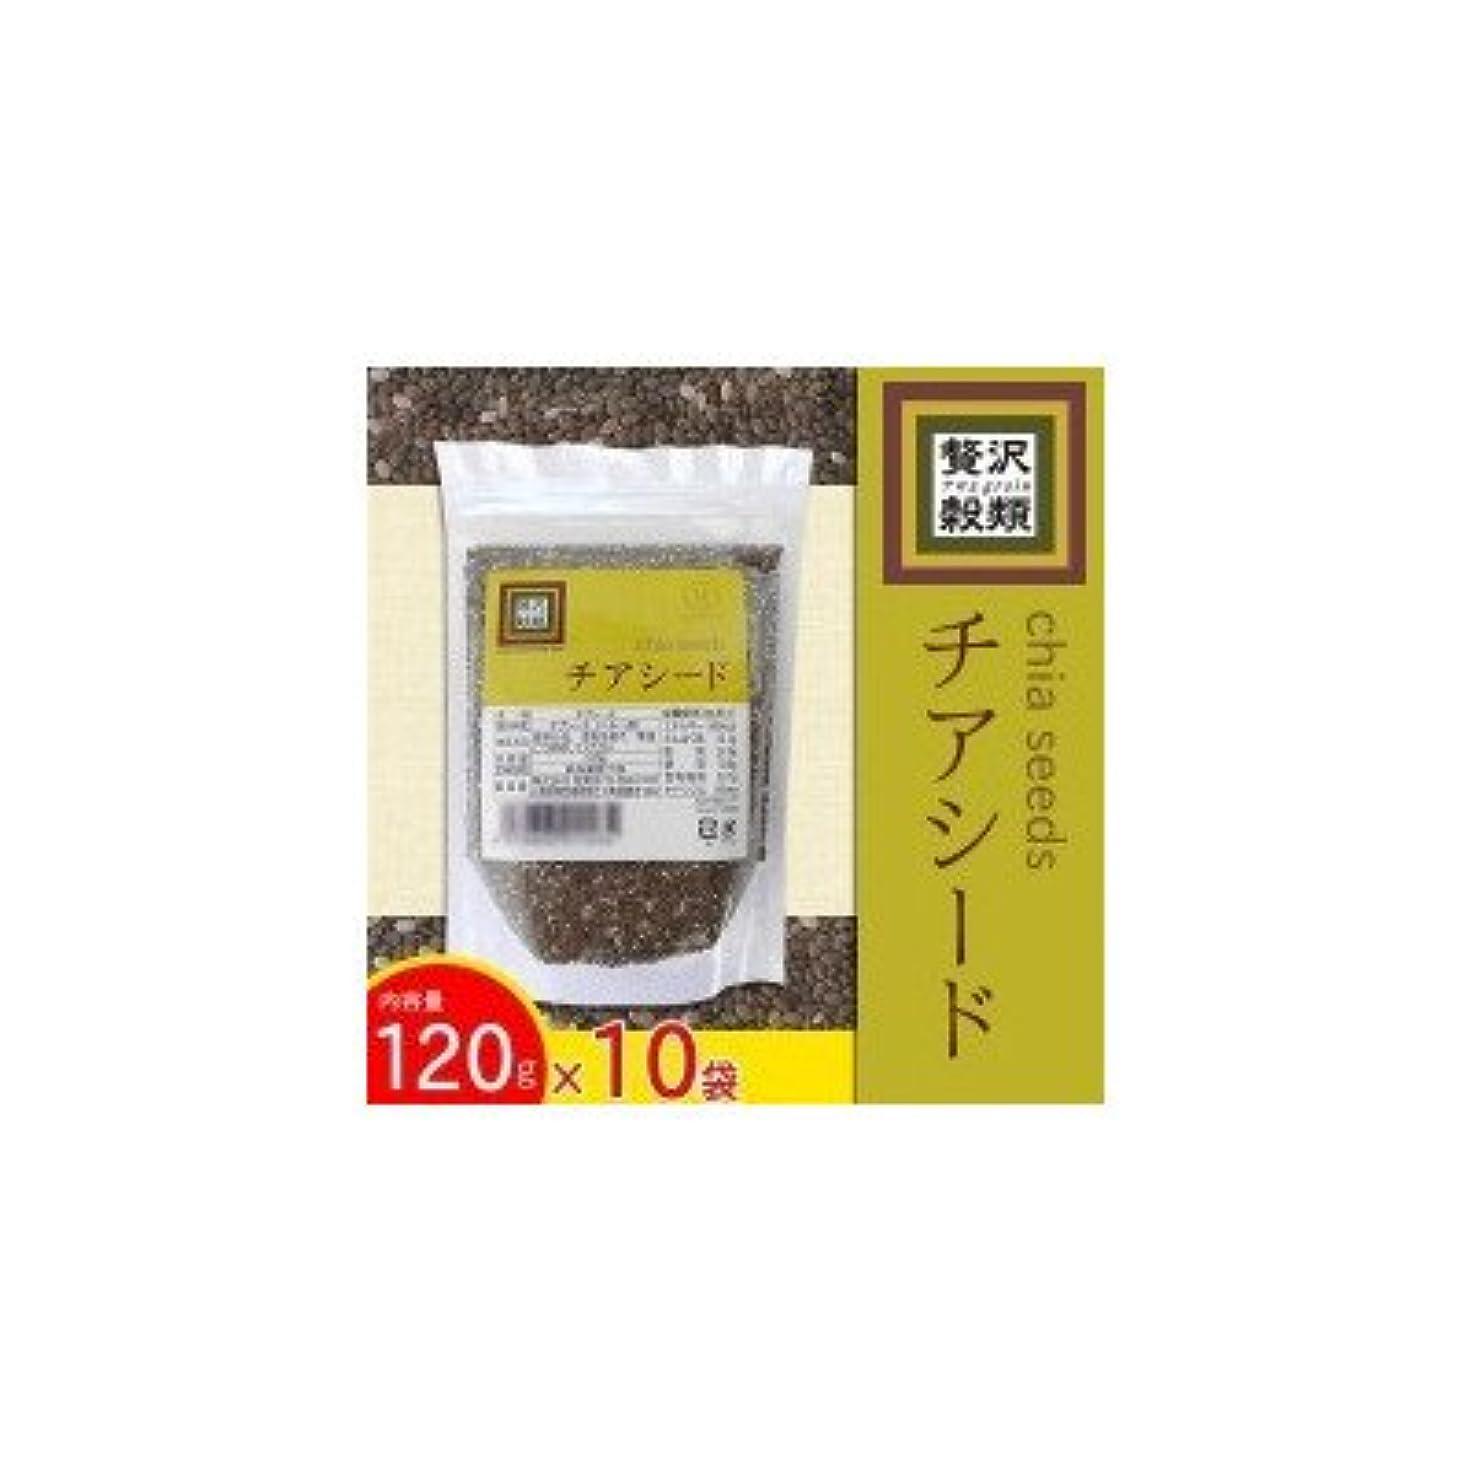 豆独創的取り扱い贅沢穀類 チアシード 120g×10袋